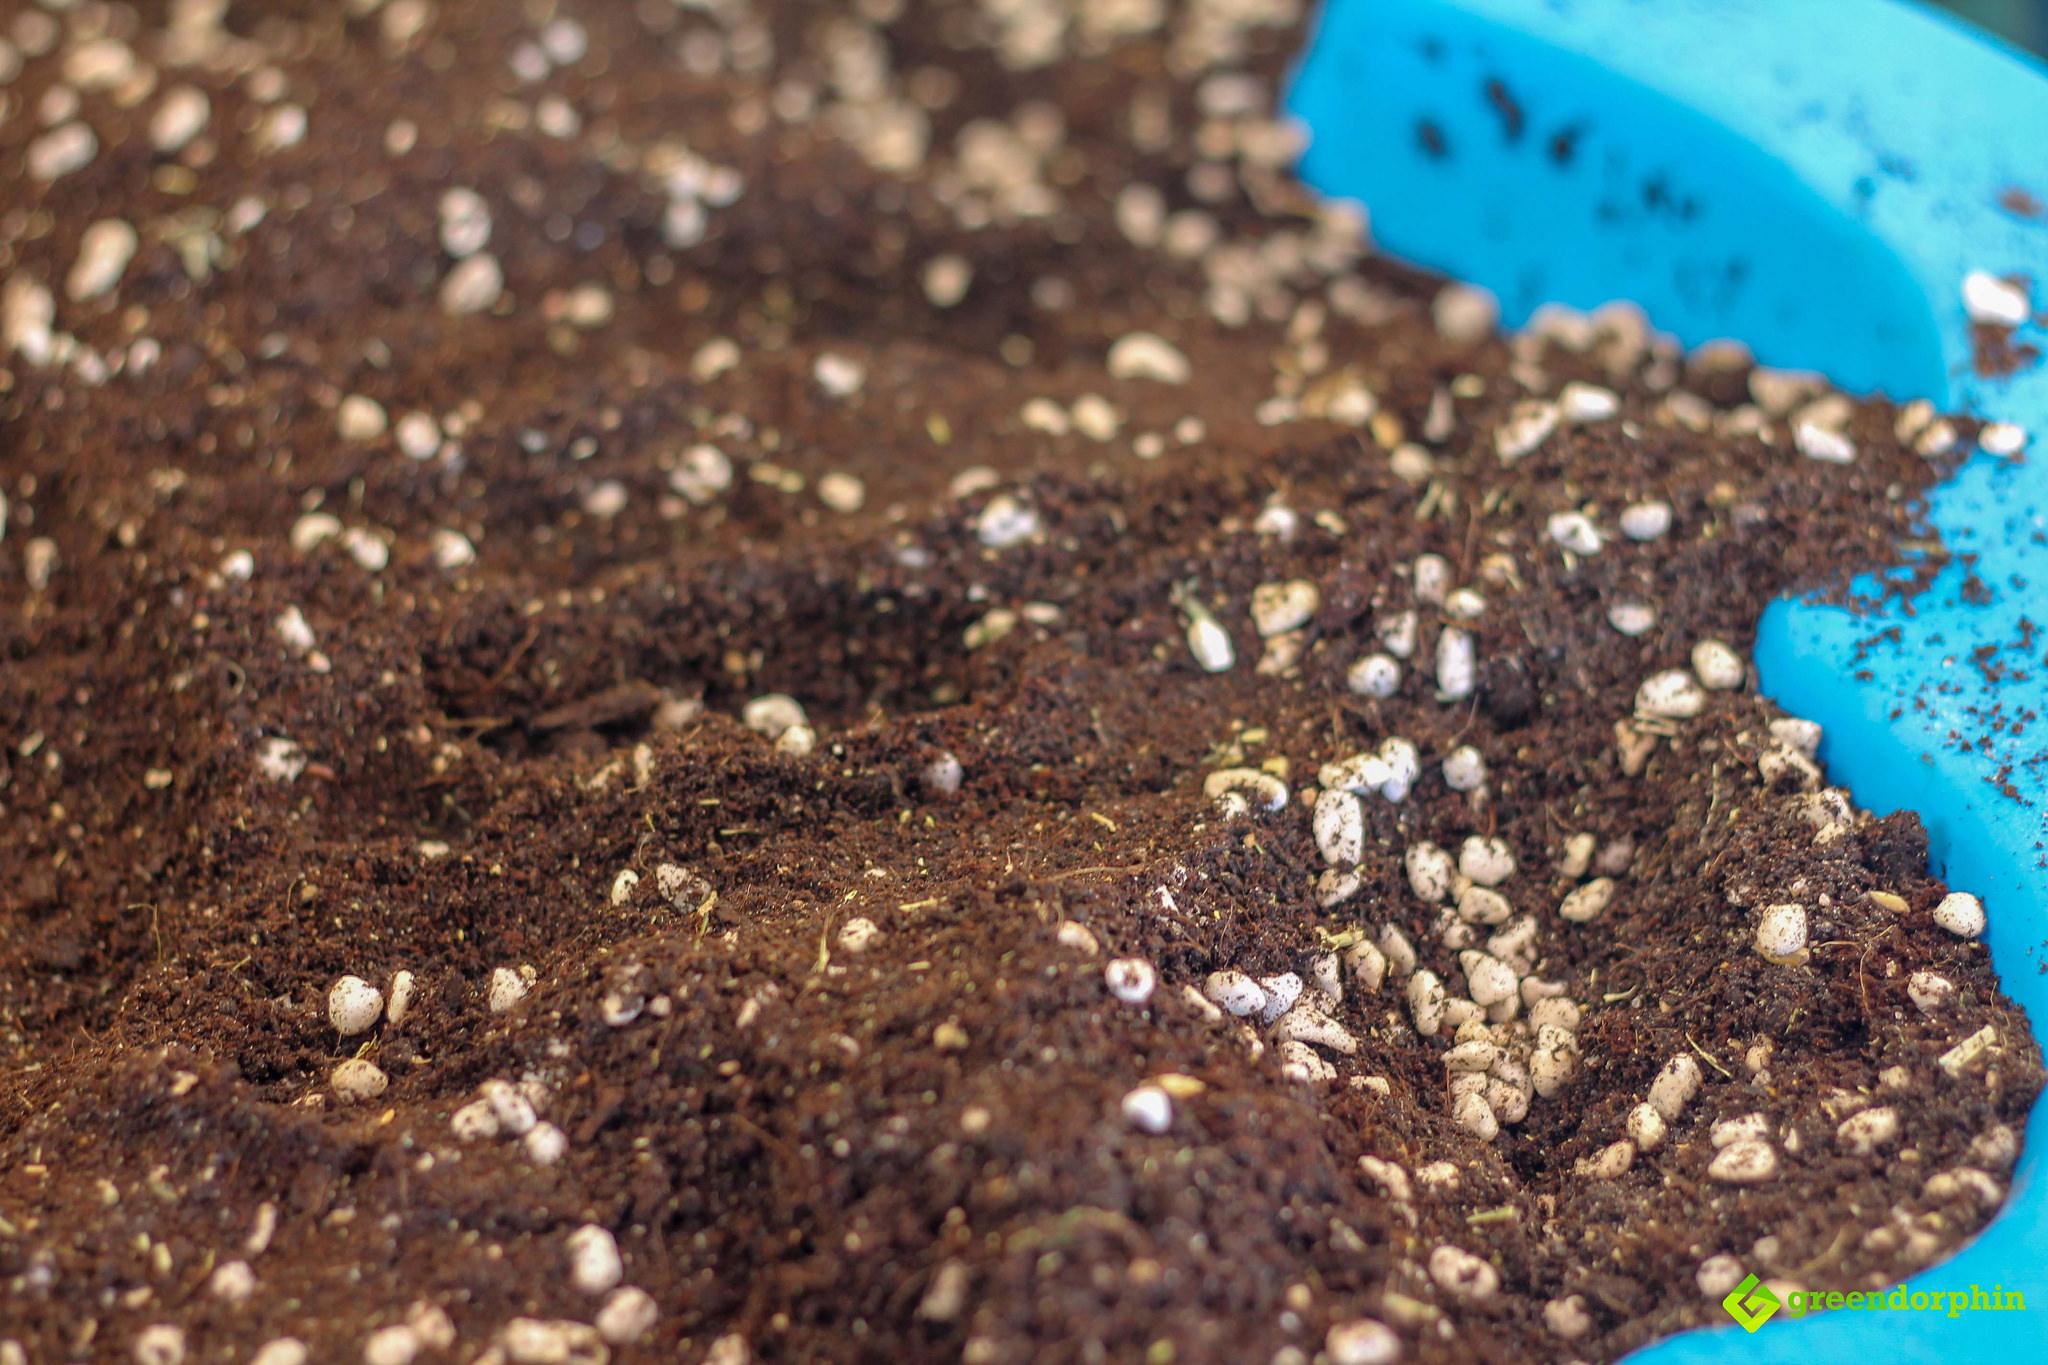 No-Till Soil blending